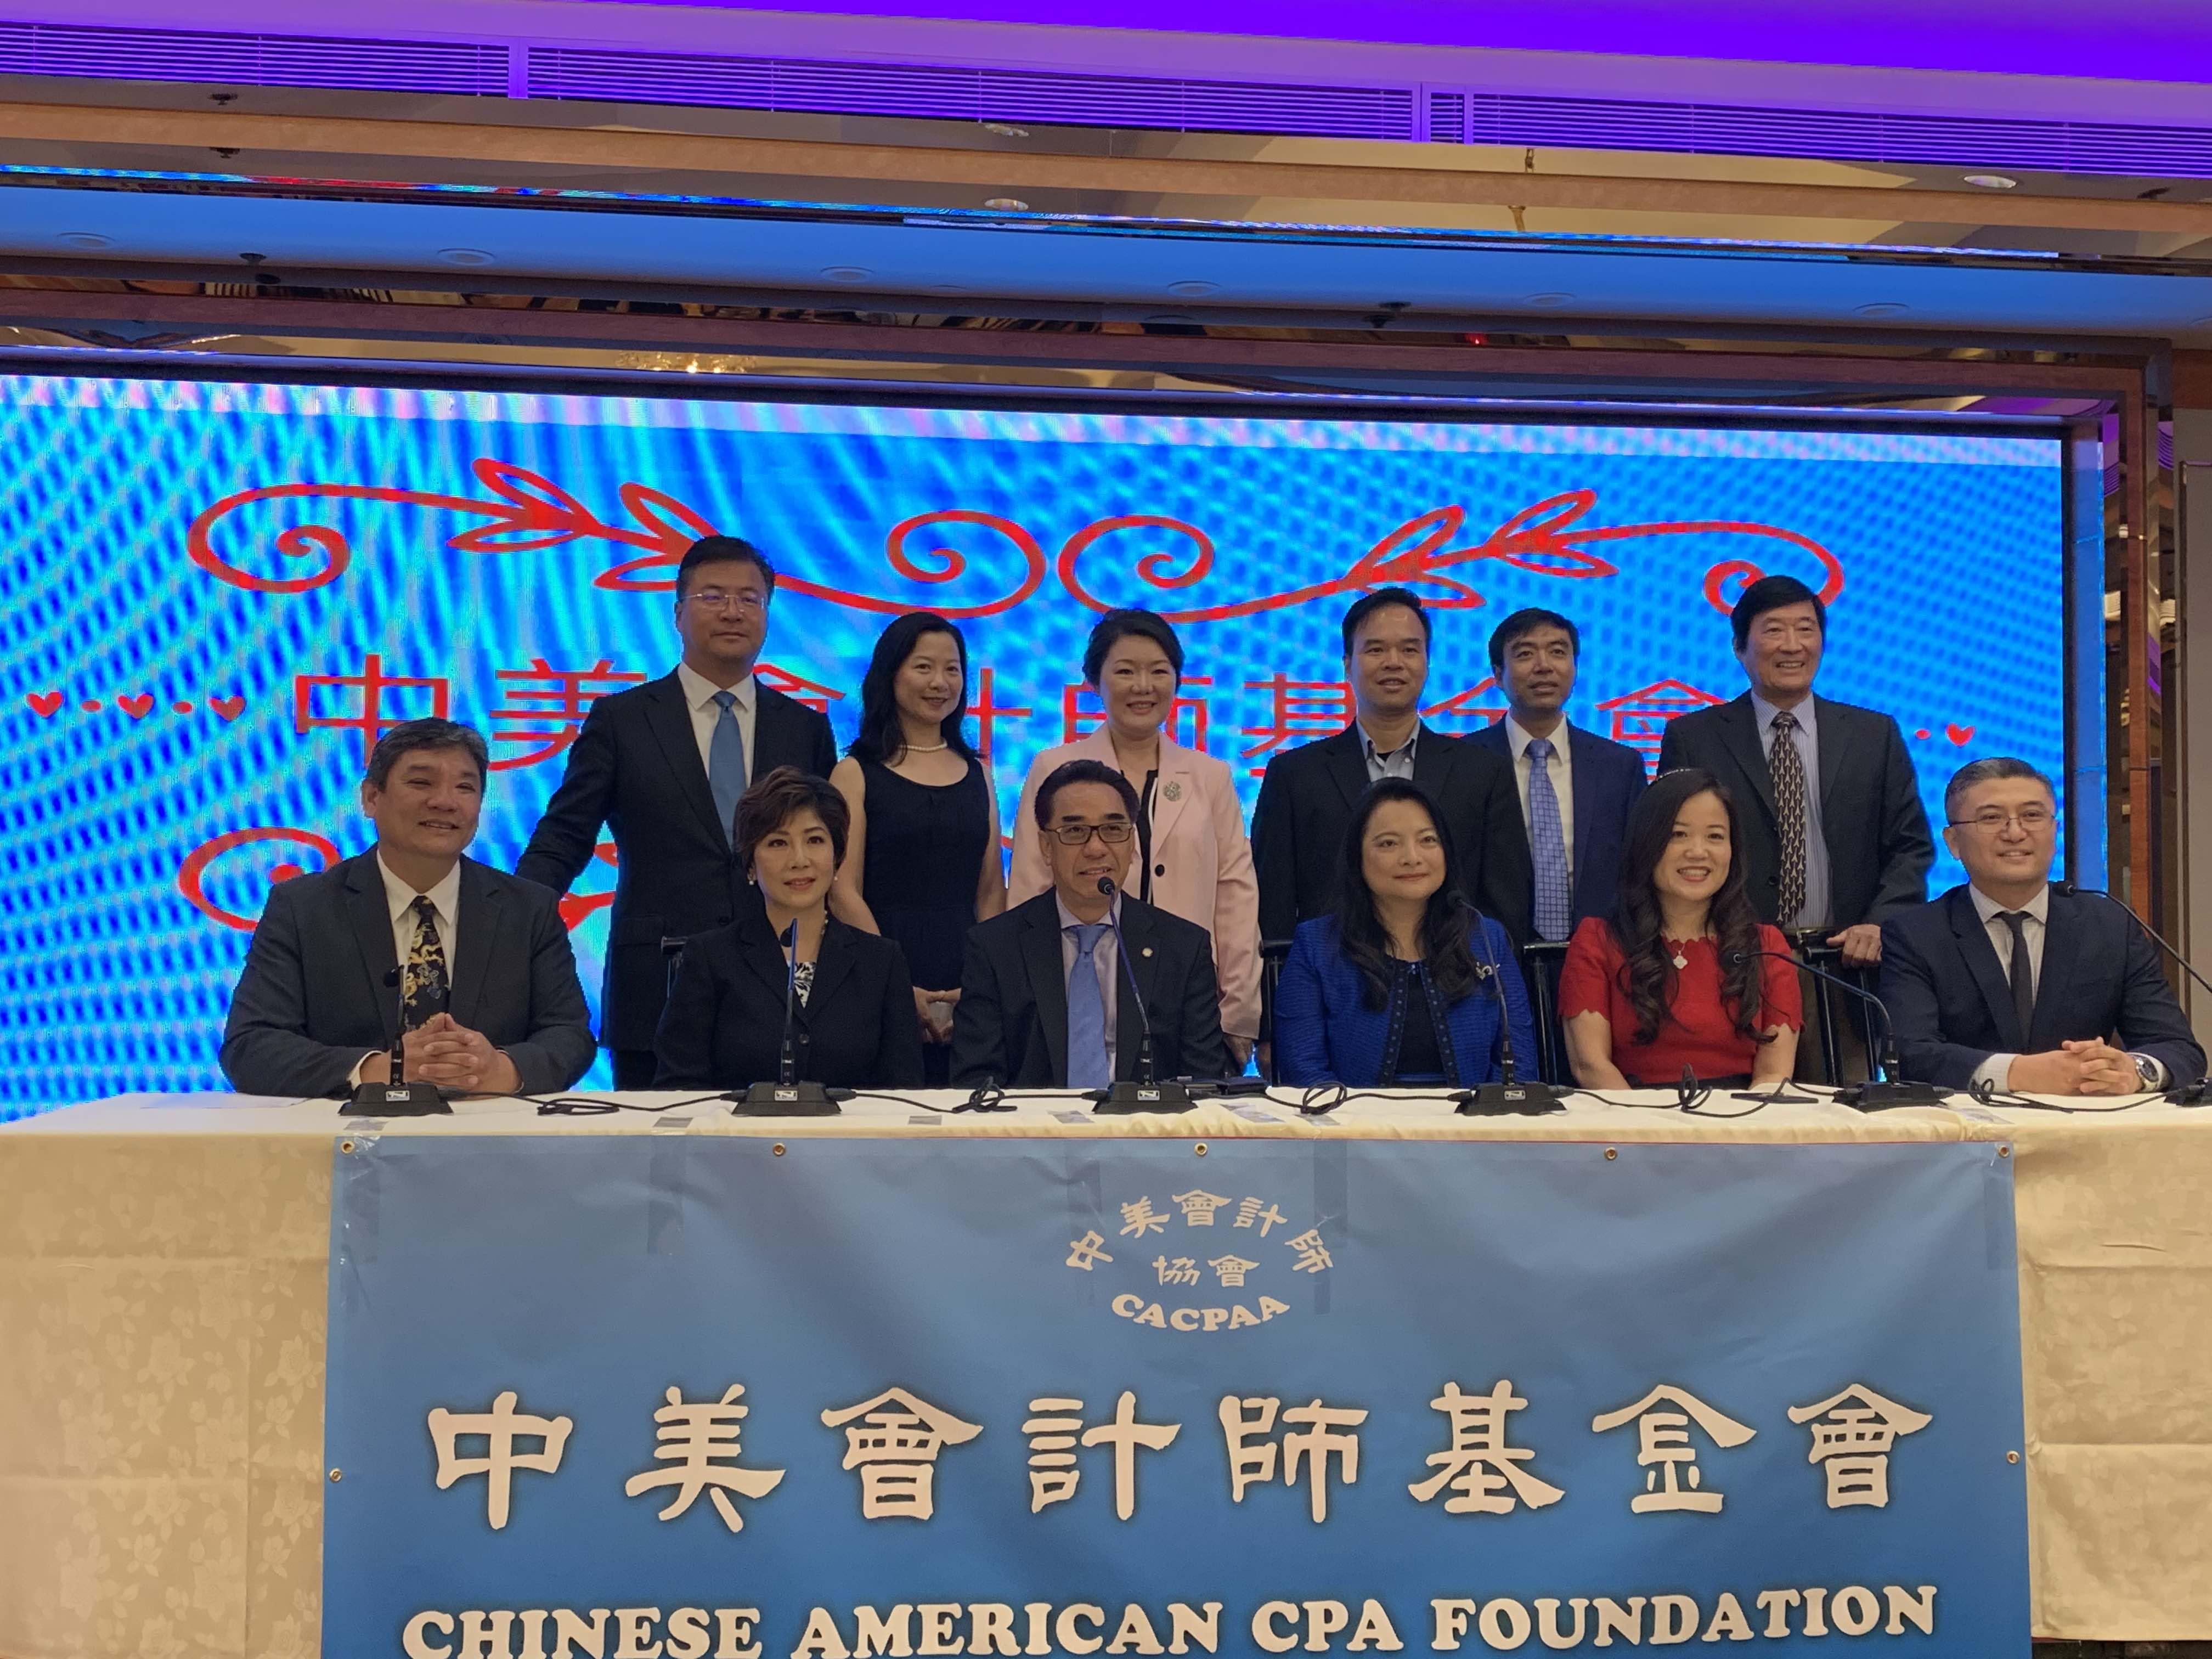 中美會計師協會2019專家博覽會將於6月15日舉行。中美會計師協會會長邱靜(前右三)、創會會長李豪(前左一)、蒙市市議員林達堅(前左三)等出席記者會。記者楊婷攝